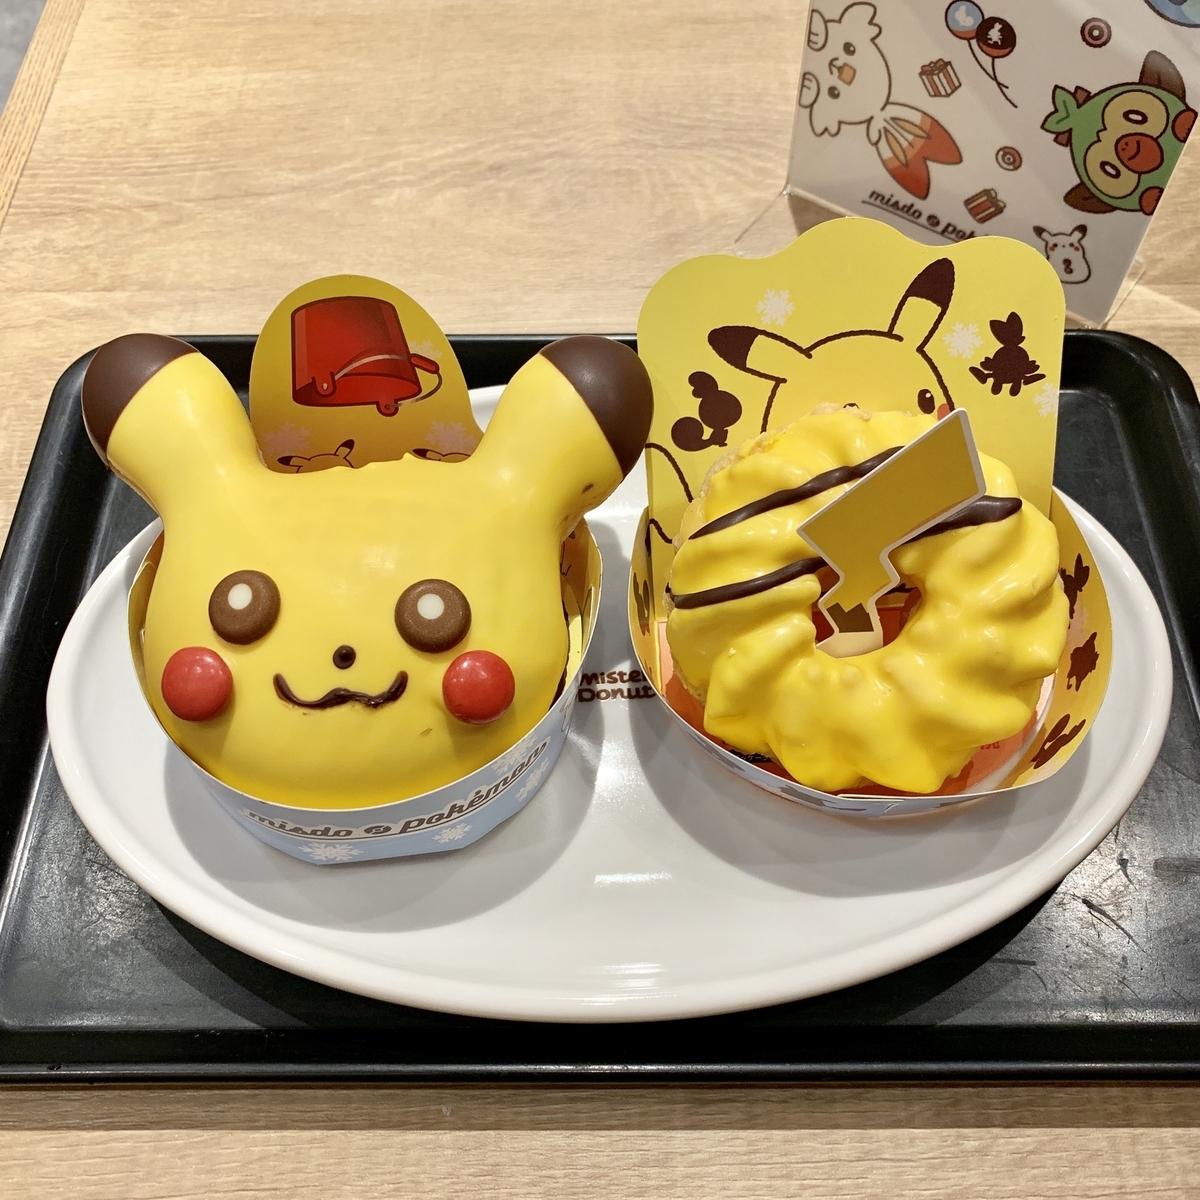 f:id:pikachu_pcn:20191209234133j:plain